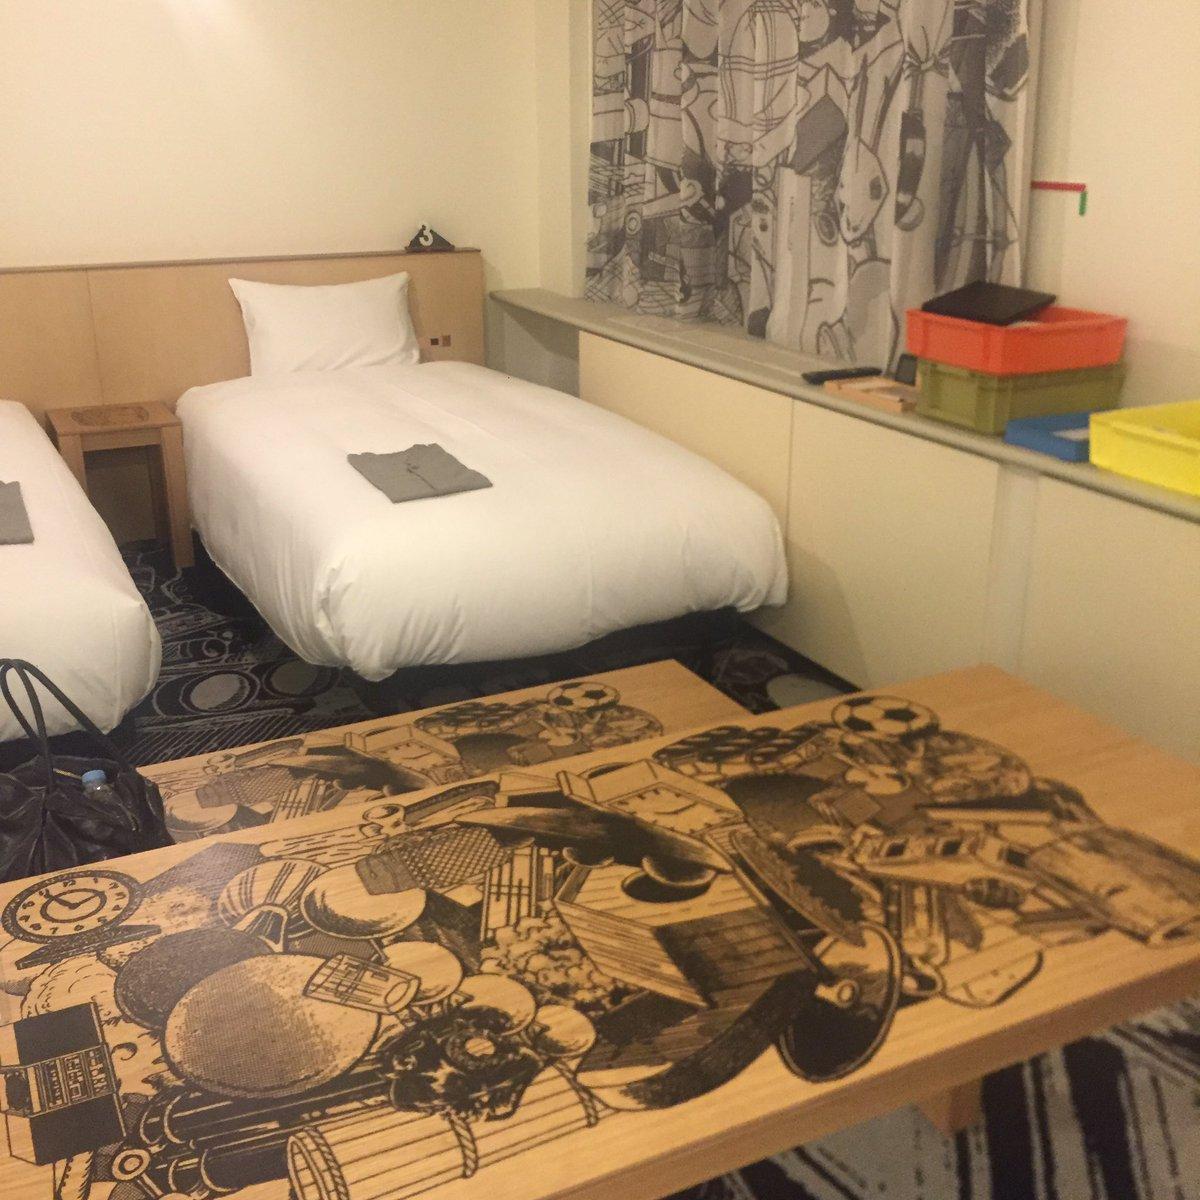 京都のアートホテル、空いていた日だったので部屋を選べ、金氏徹平の部屋にしたんだけど、全く落ち着かなくてお部屋を変えて頂いく。見て楽しく興味深いのと一緒に過ごして楽しいのとはまた違うのねと。アートとの同居は刺激が強いだけに難しい。 https://t.co/vzotKEmjs4